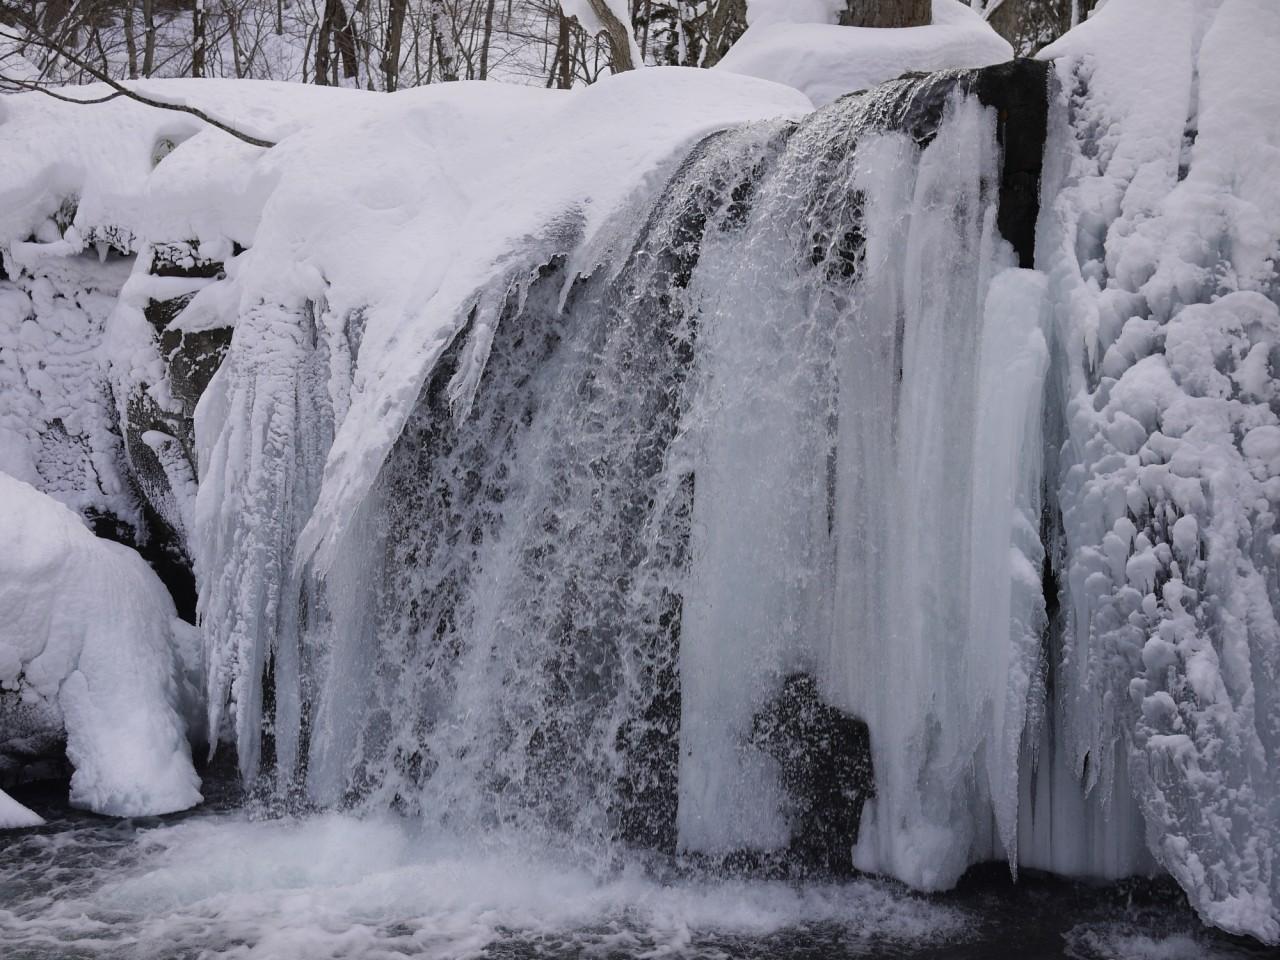 青森 上北 十和田市 風景 冬 雪 木 樹 銚子大滝